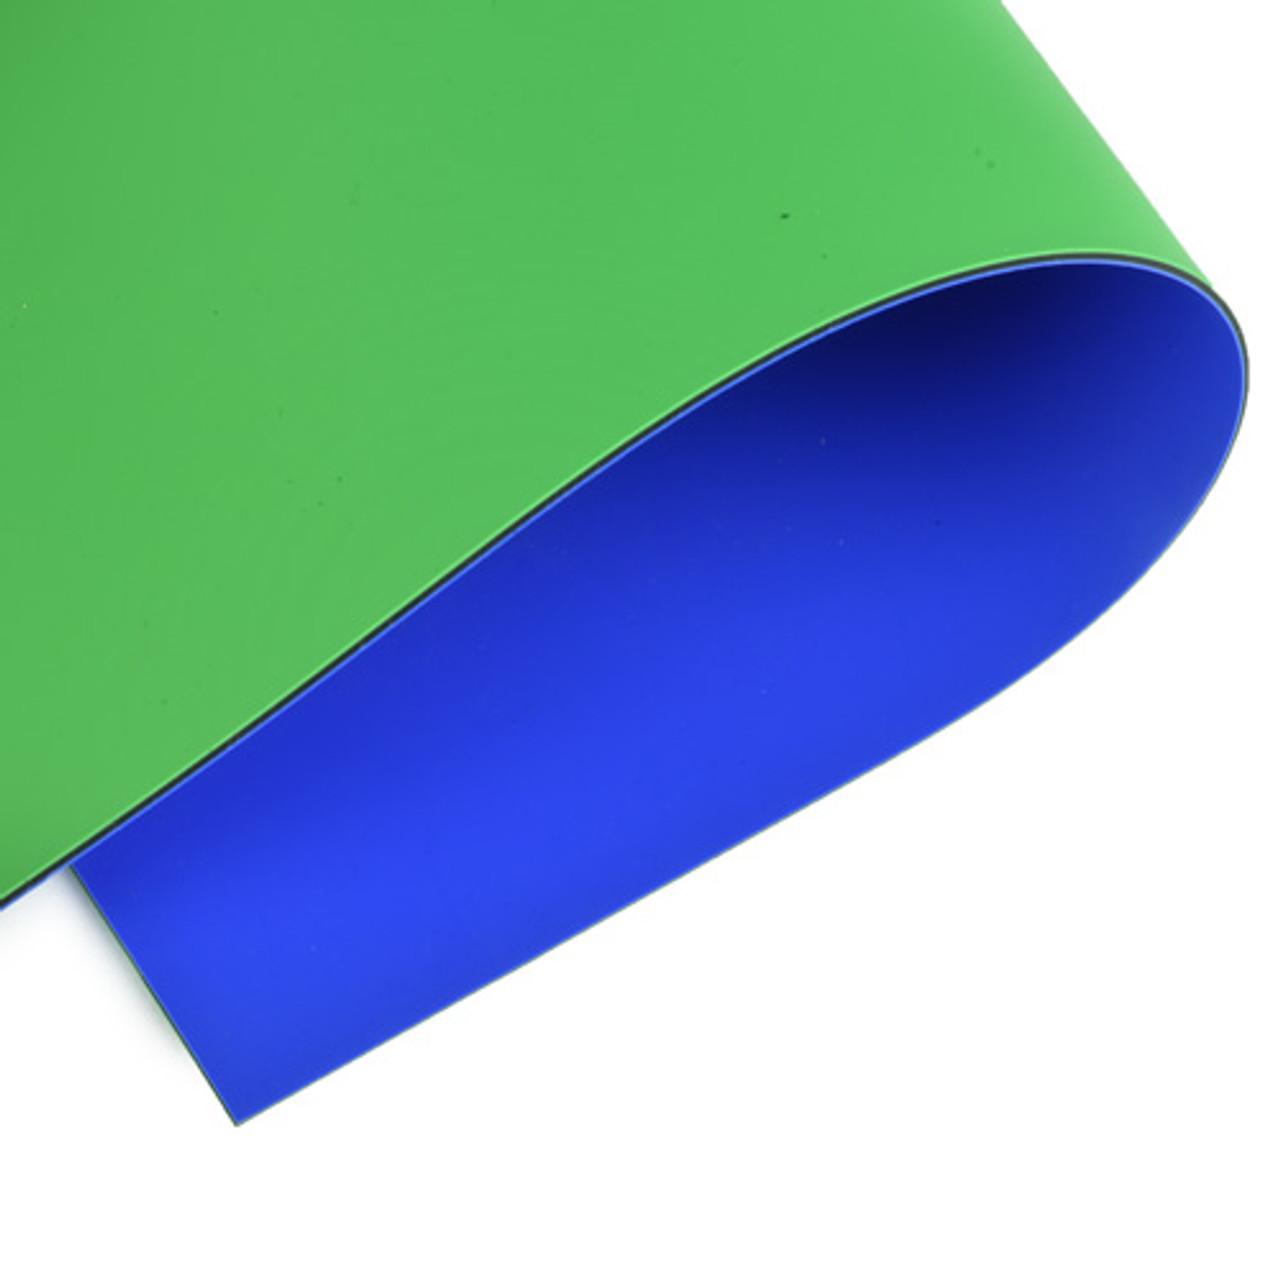 Rosco Blue/Green Chroma Floor (pr foot), Chroma Keys